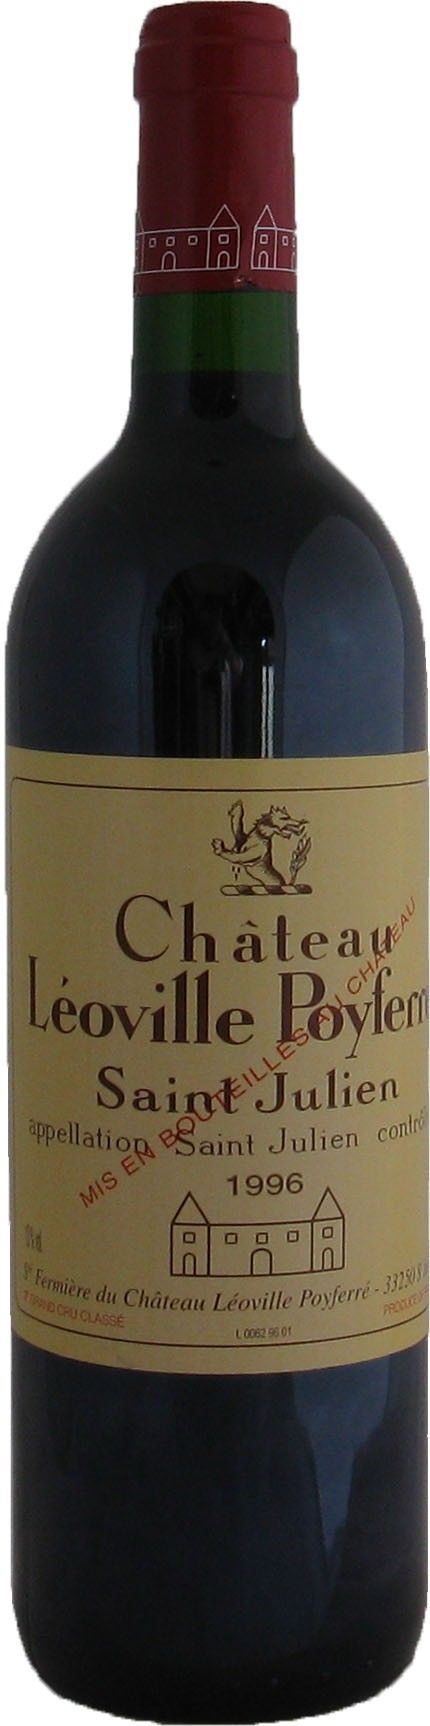 Château Leoville Poyferre 2eme Grand Cru Classé Saint-Julien